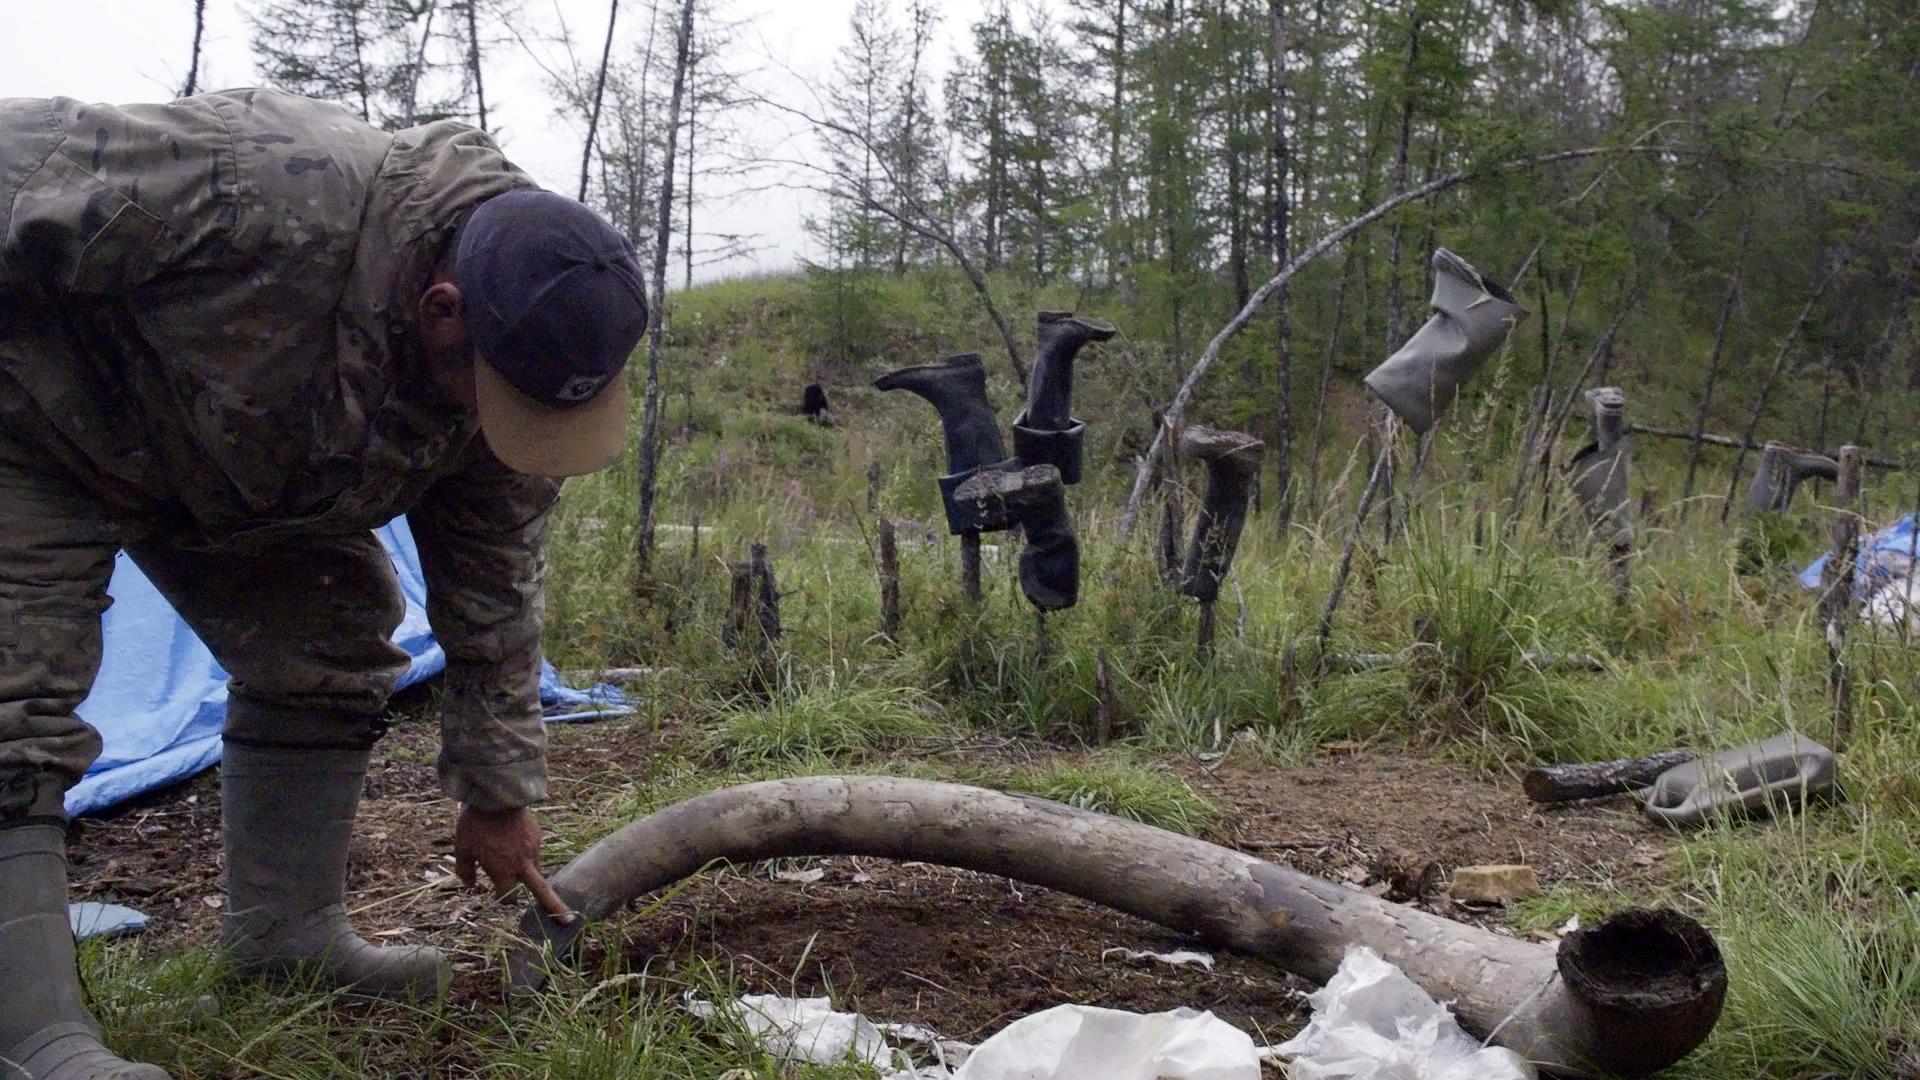 Lelaki memeriksa gading mamut.